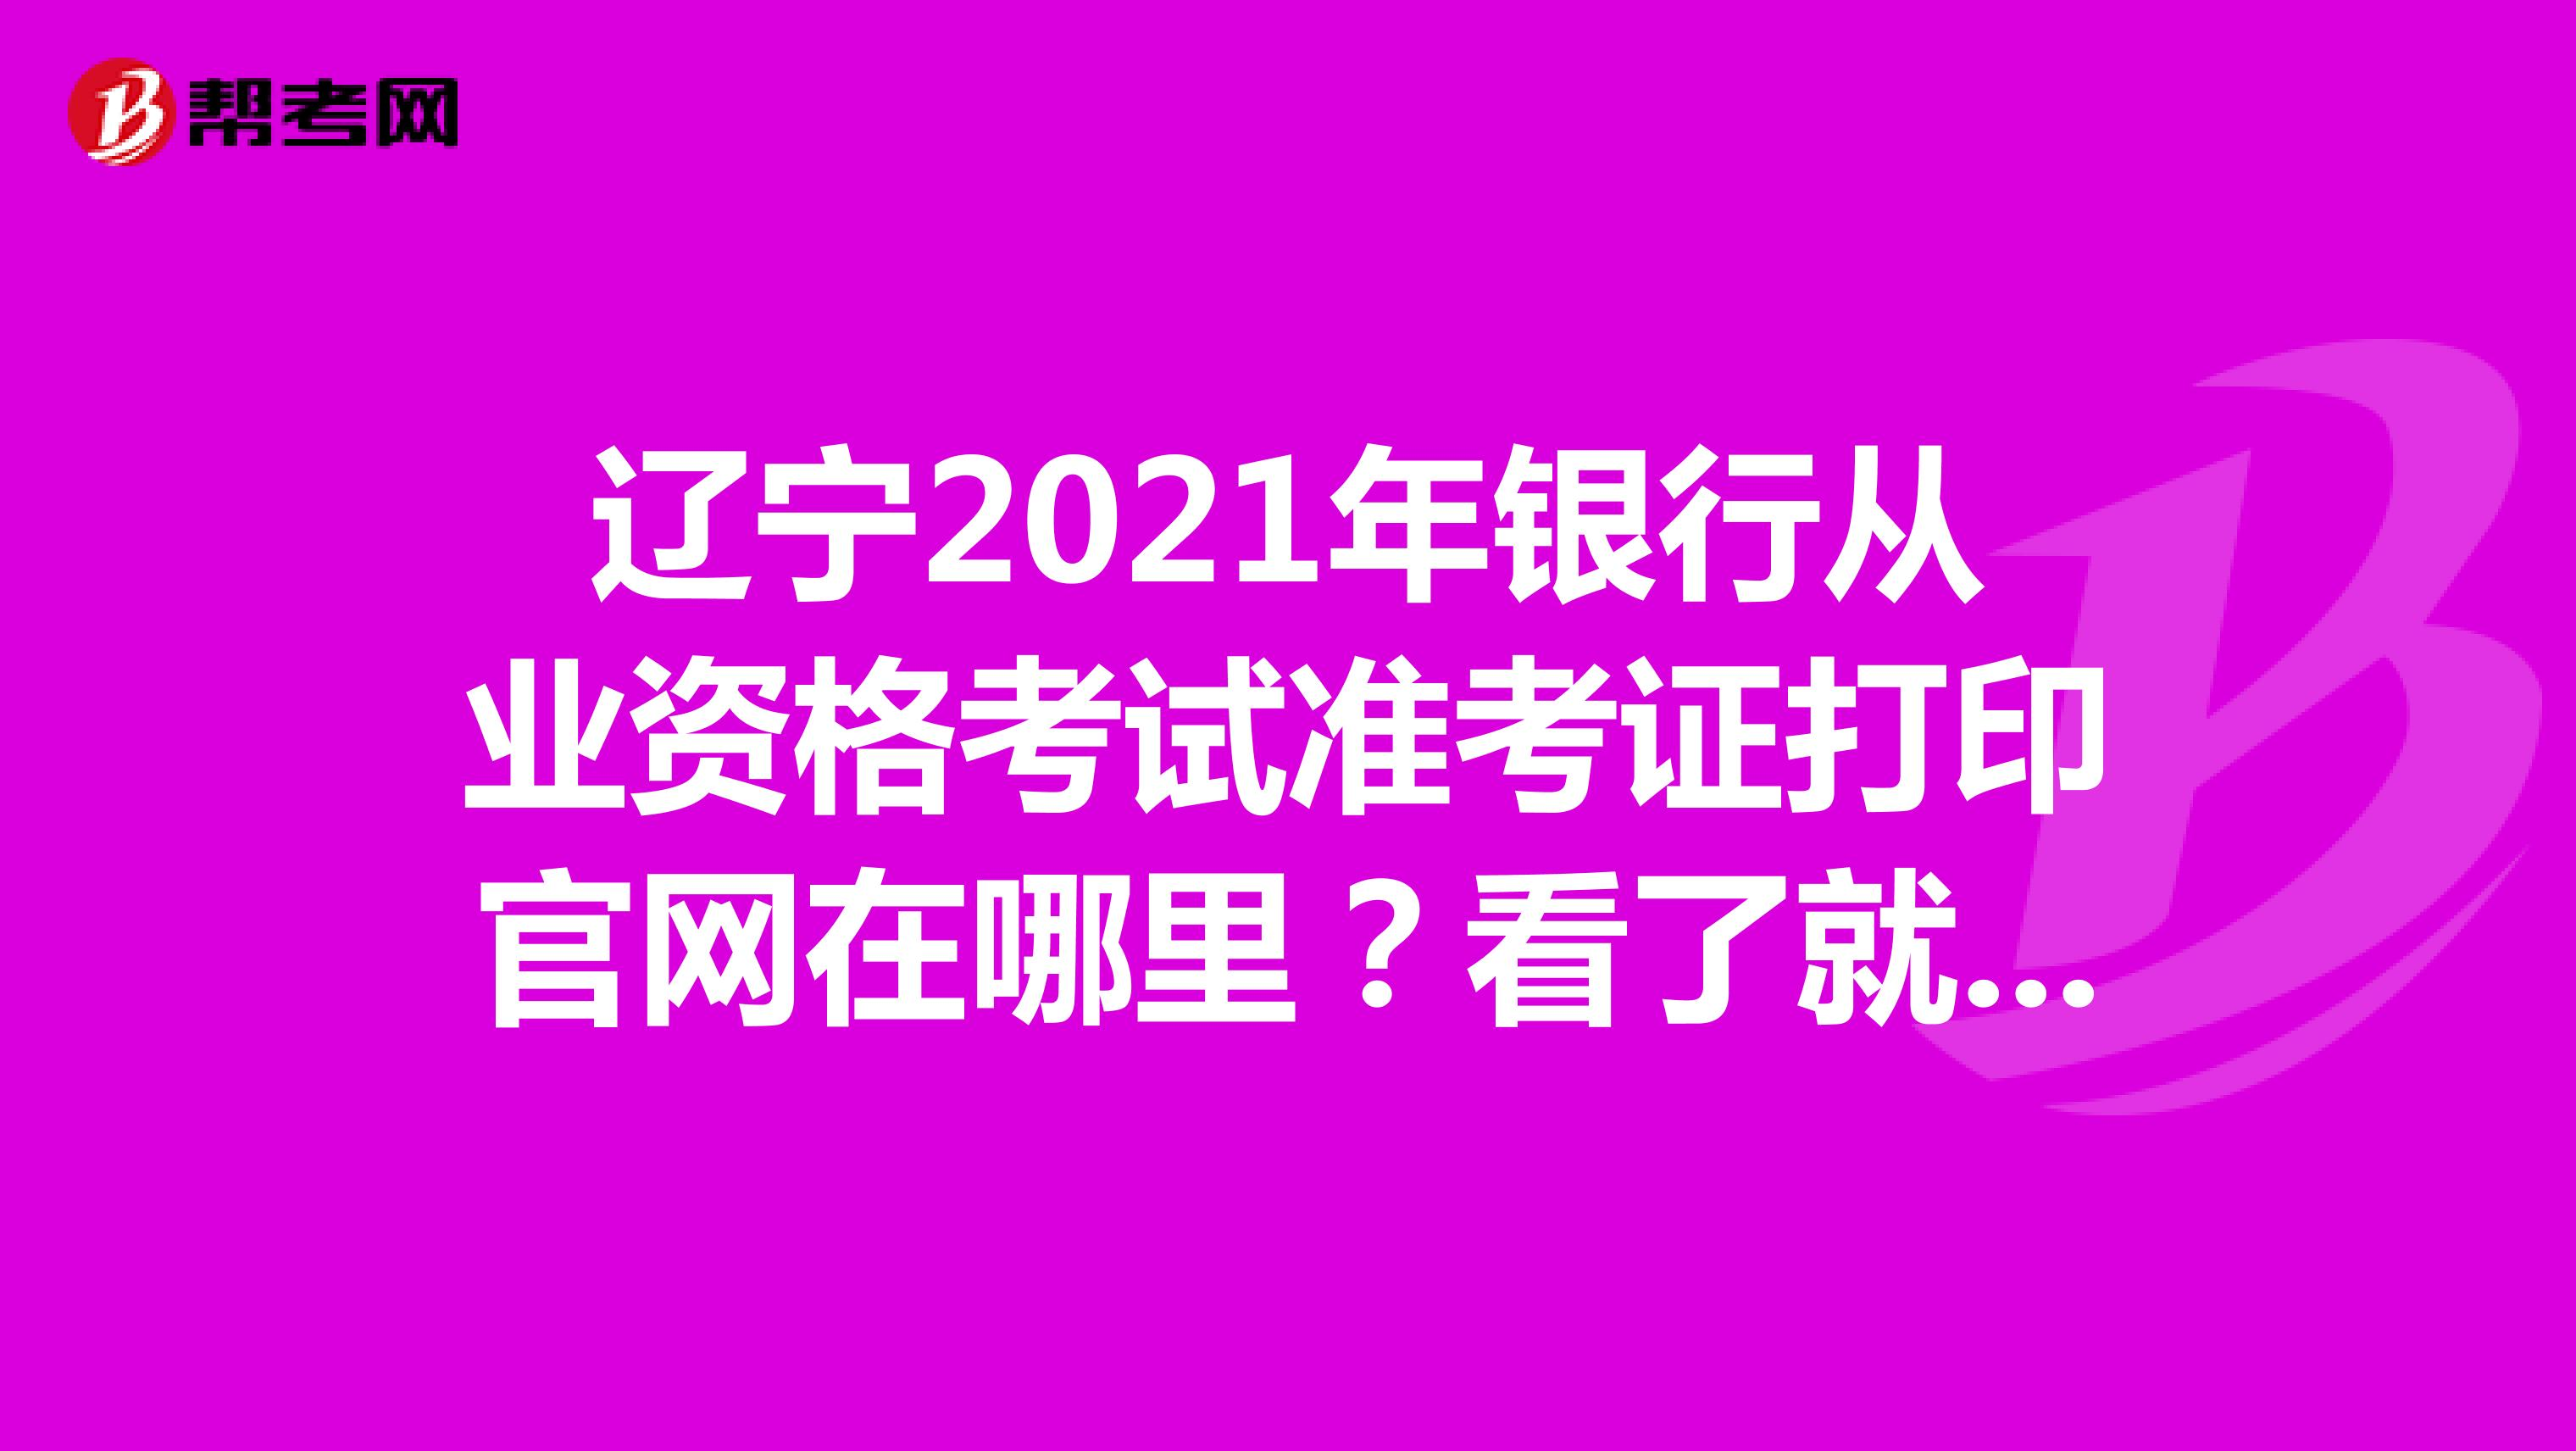 遼寧2021年銀行從業資格考試準考證打印官網在哪里?看了就知道了!